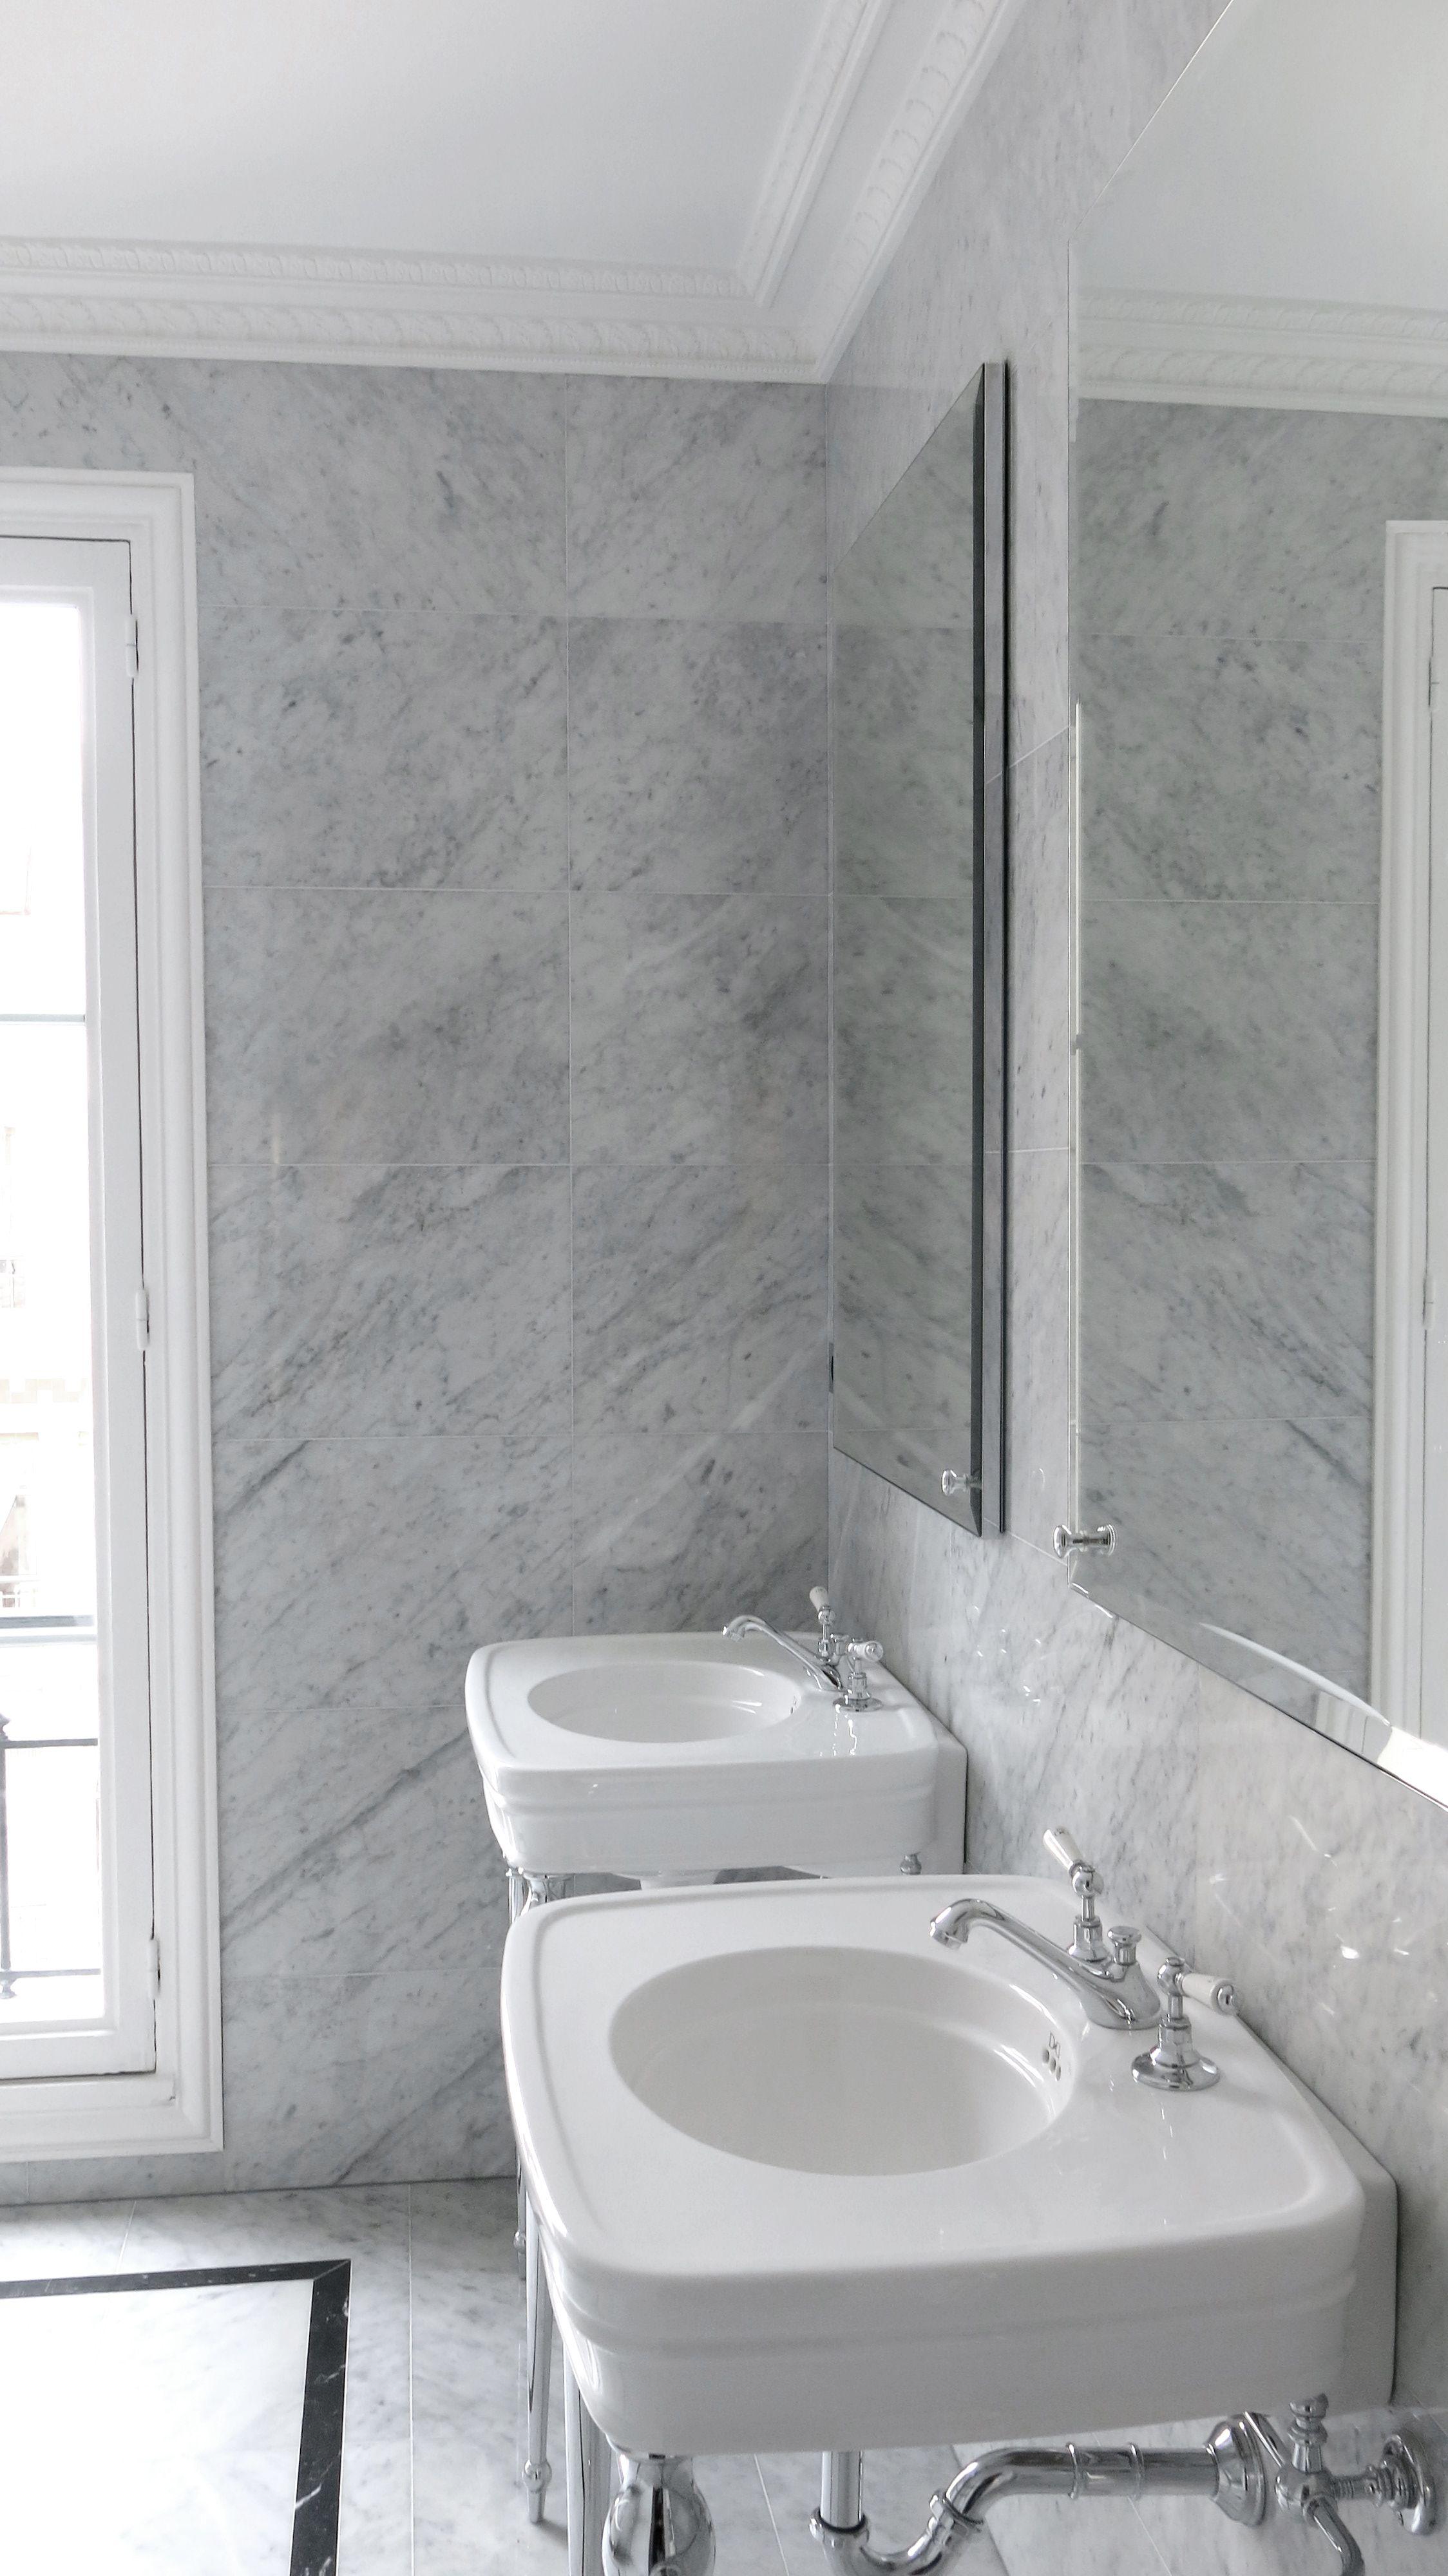 Salle de bains - marbre blanc de Carrare - Devon&Devon Rose ...